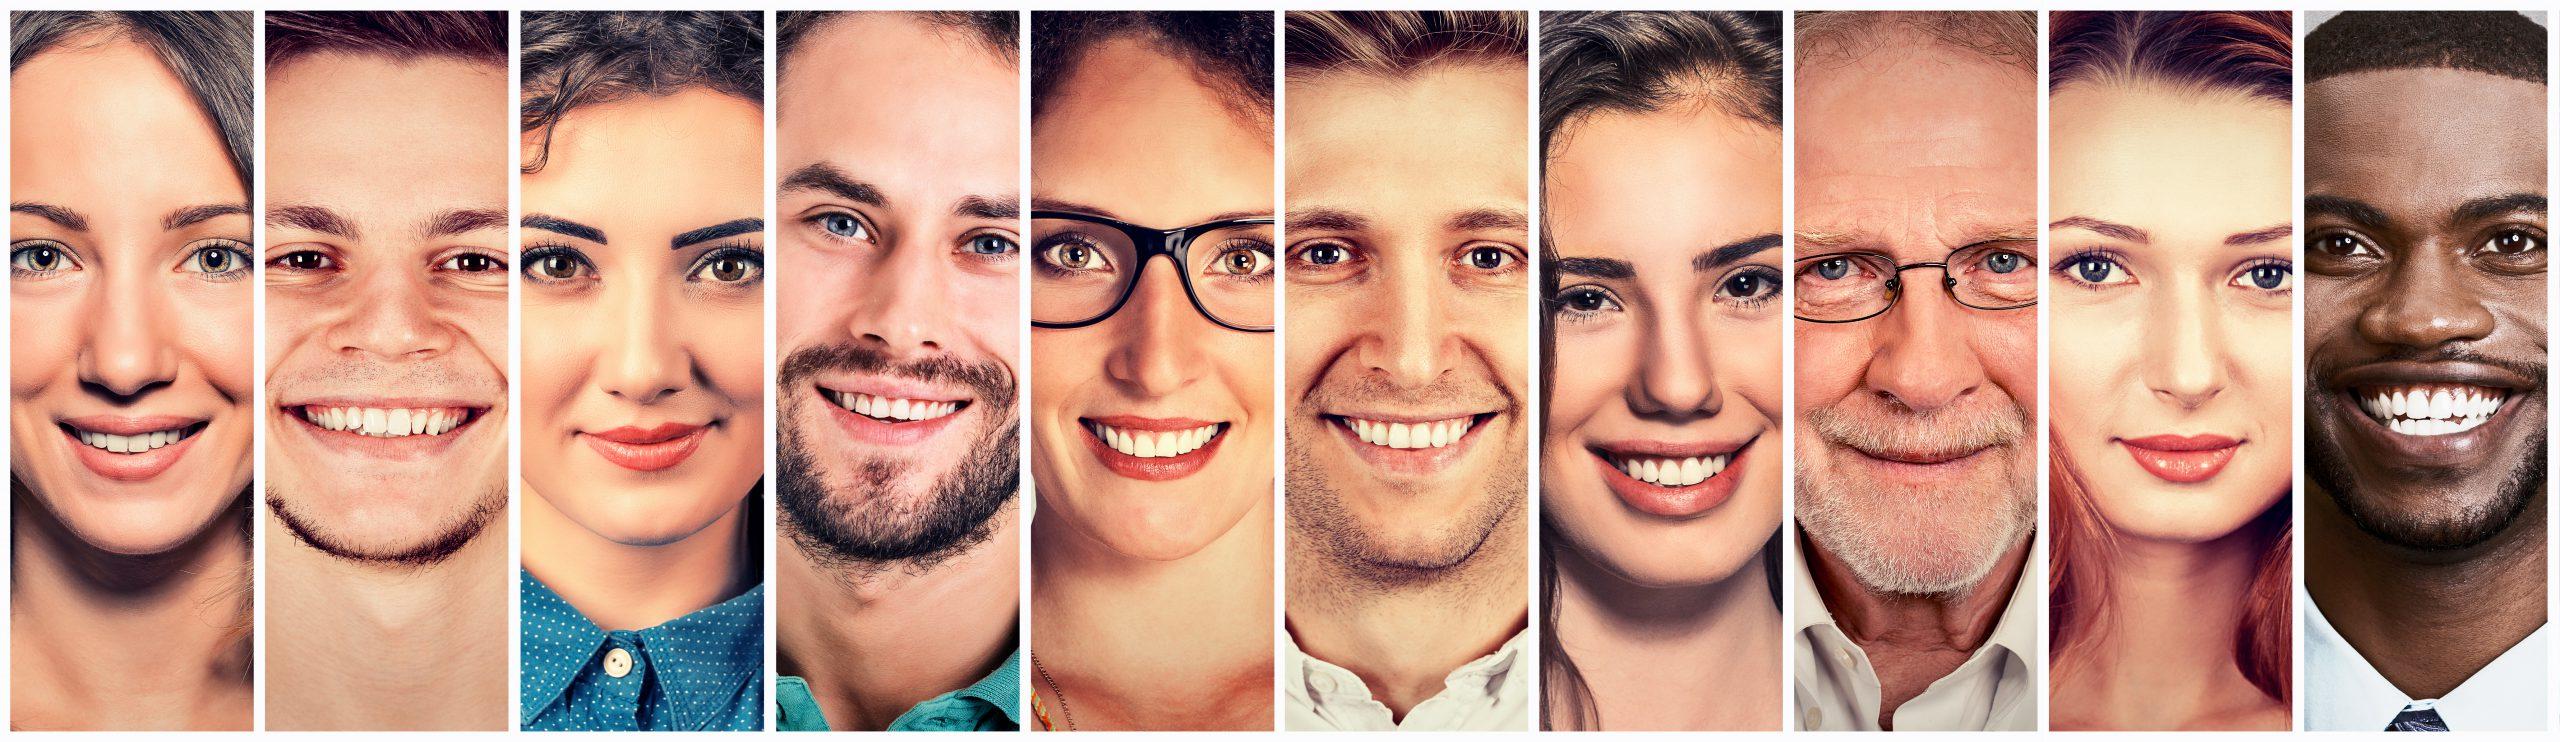 פרסונולוגיה - אבחון על פי תווי פנים